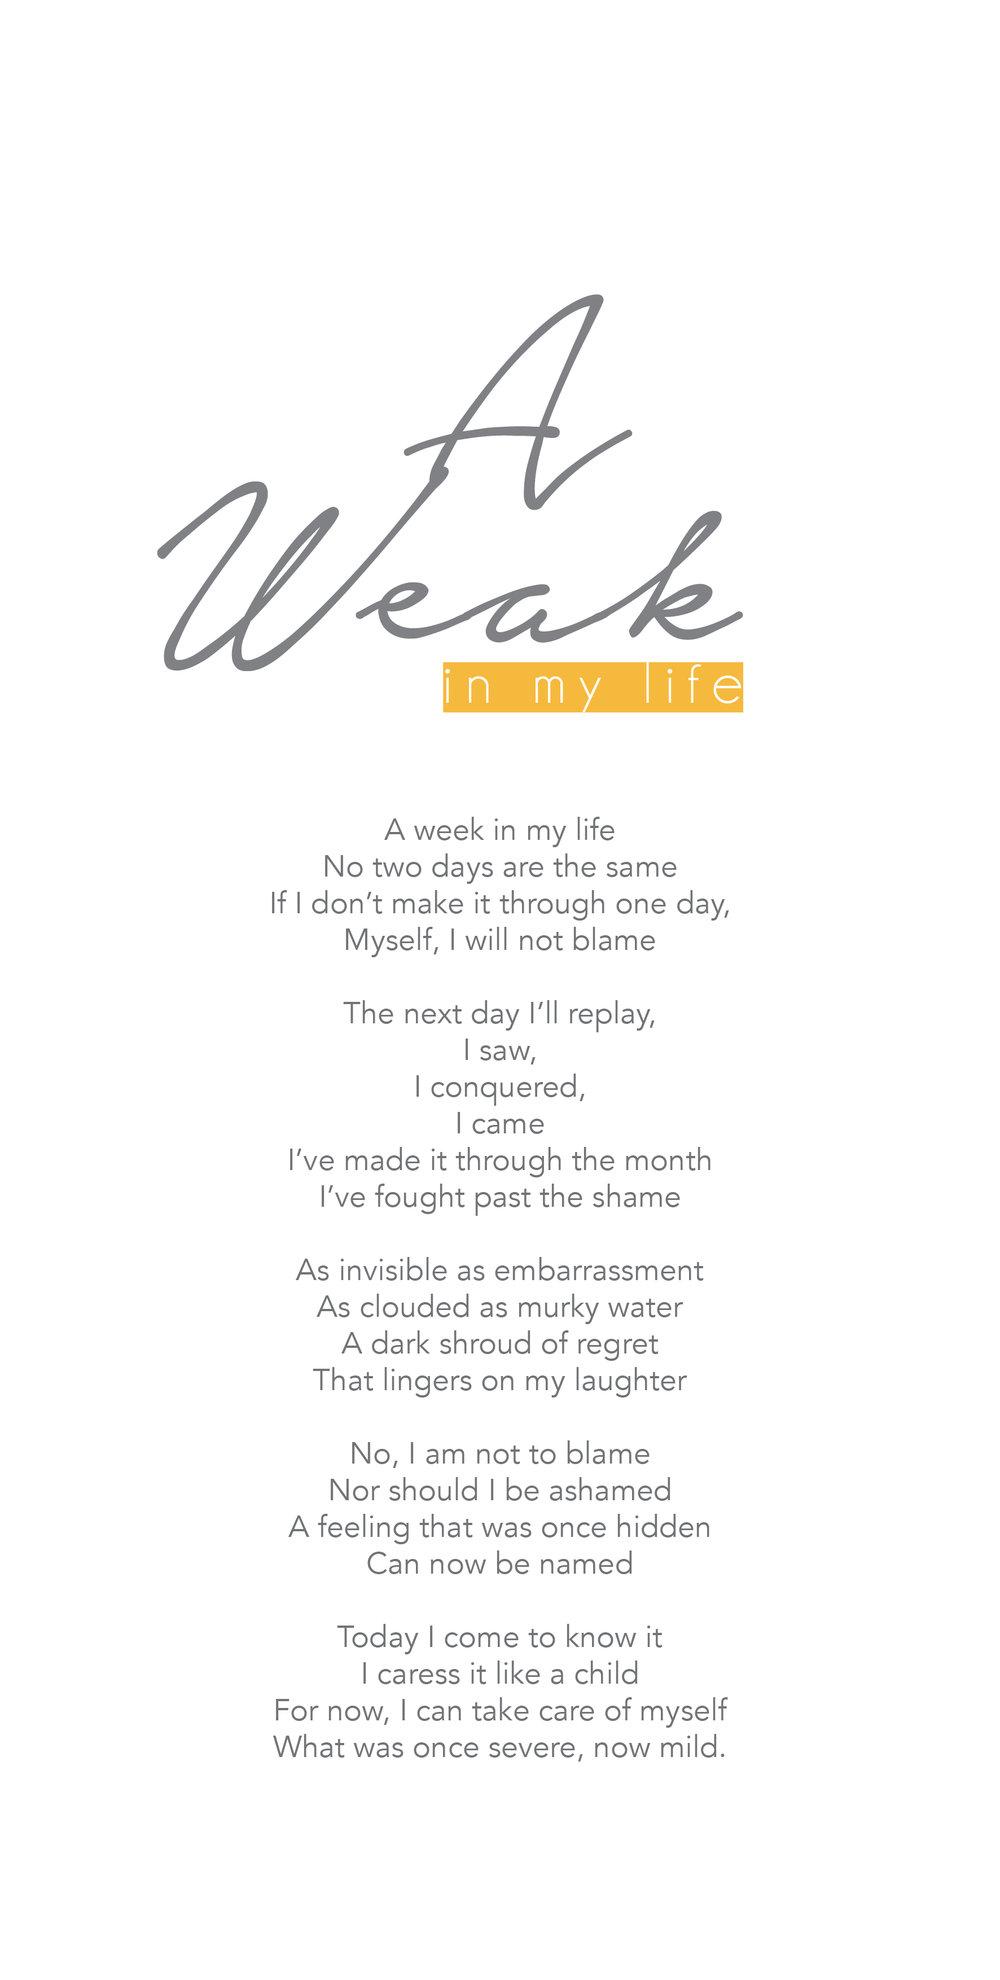 A weak in my life poem.jpg